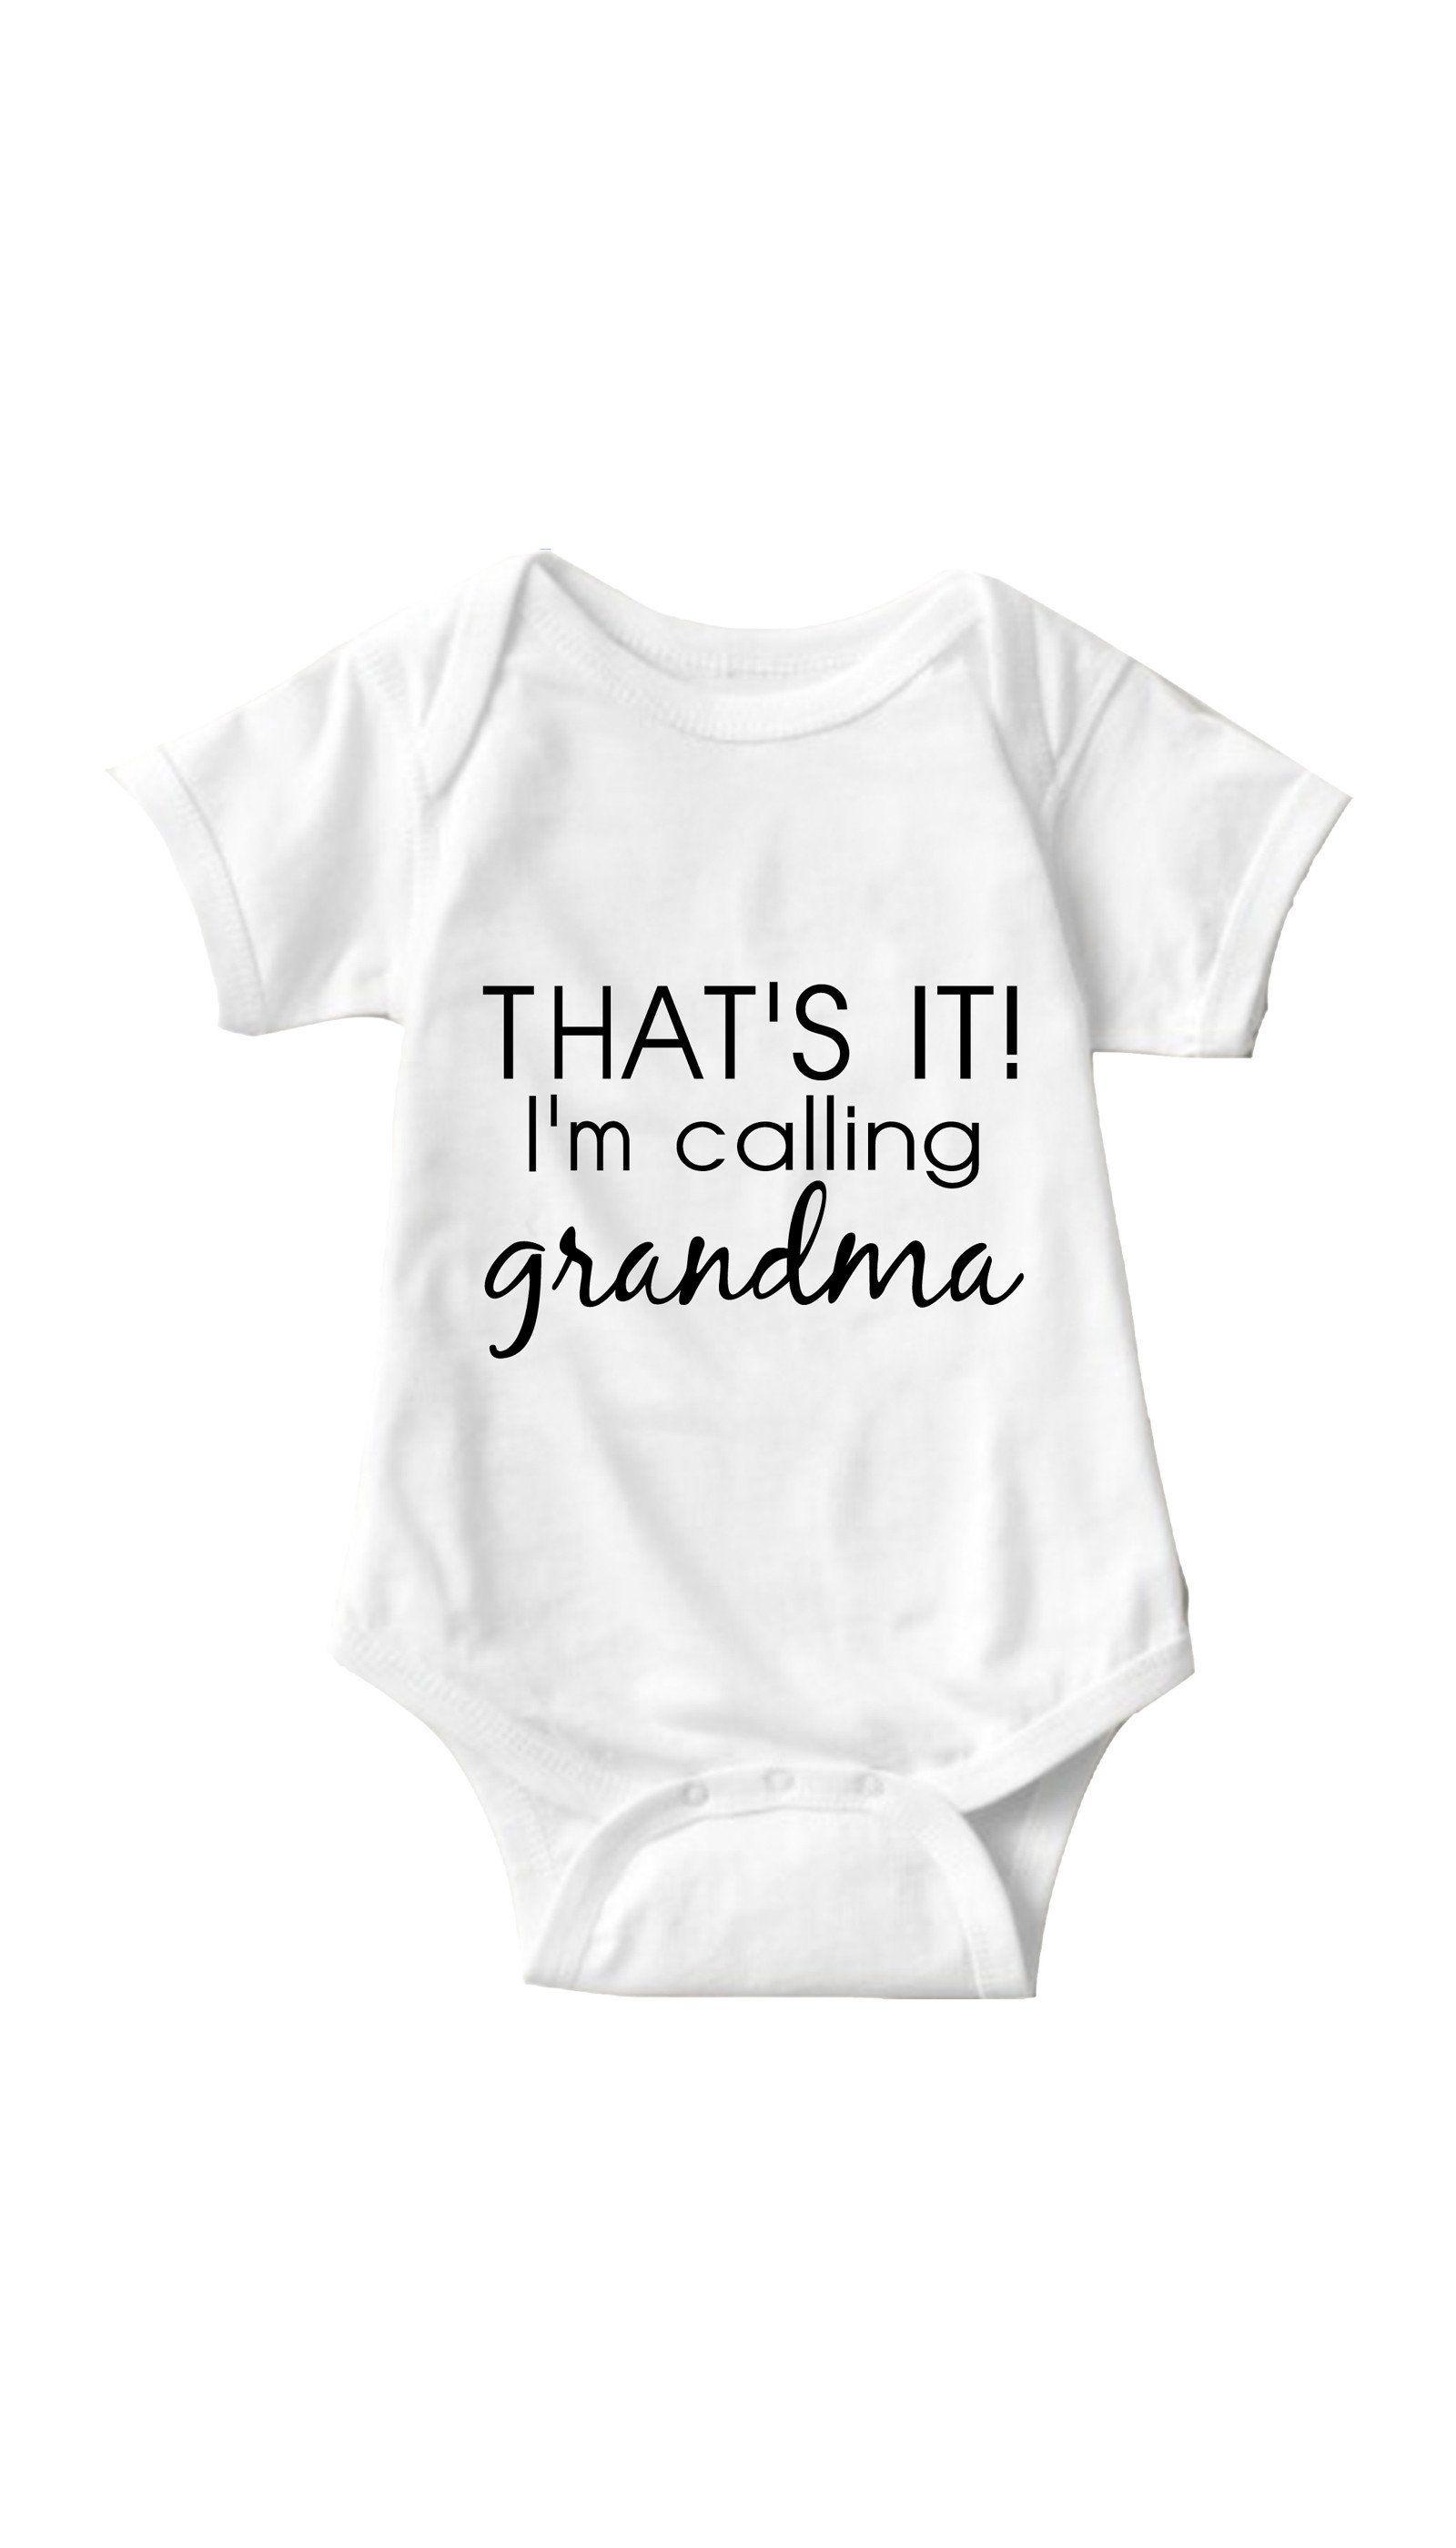 089289e3240 That's It I'm Calling Grandma Infant Onesie | Kingitused lastele ...